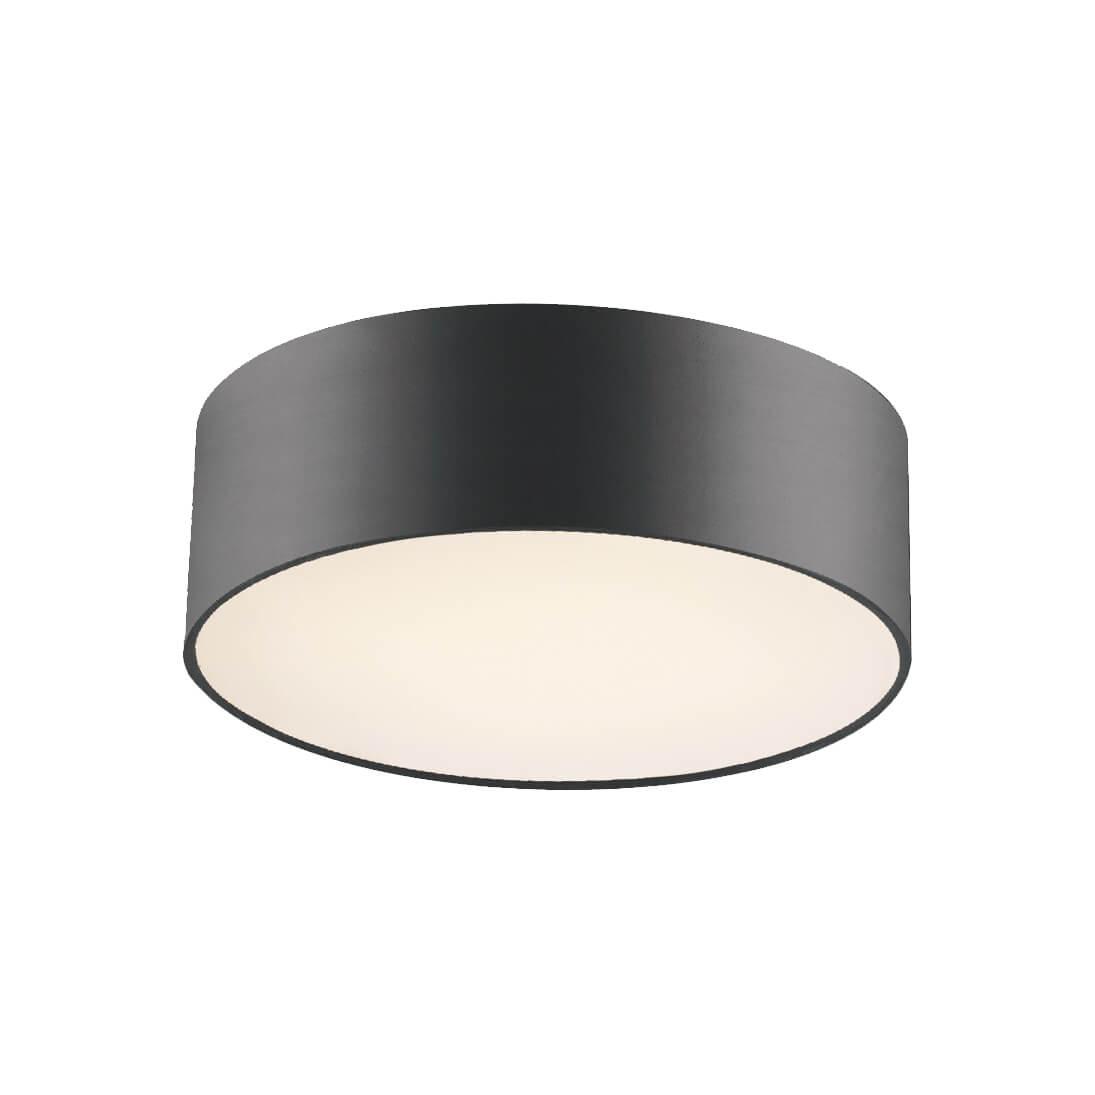 Потолочный светильник Favourite Cerchi 1514-2C1 стоимость